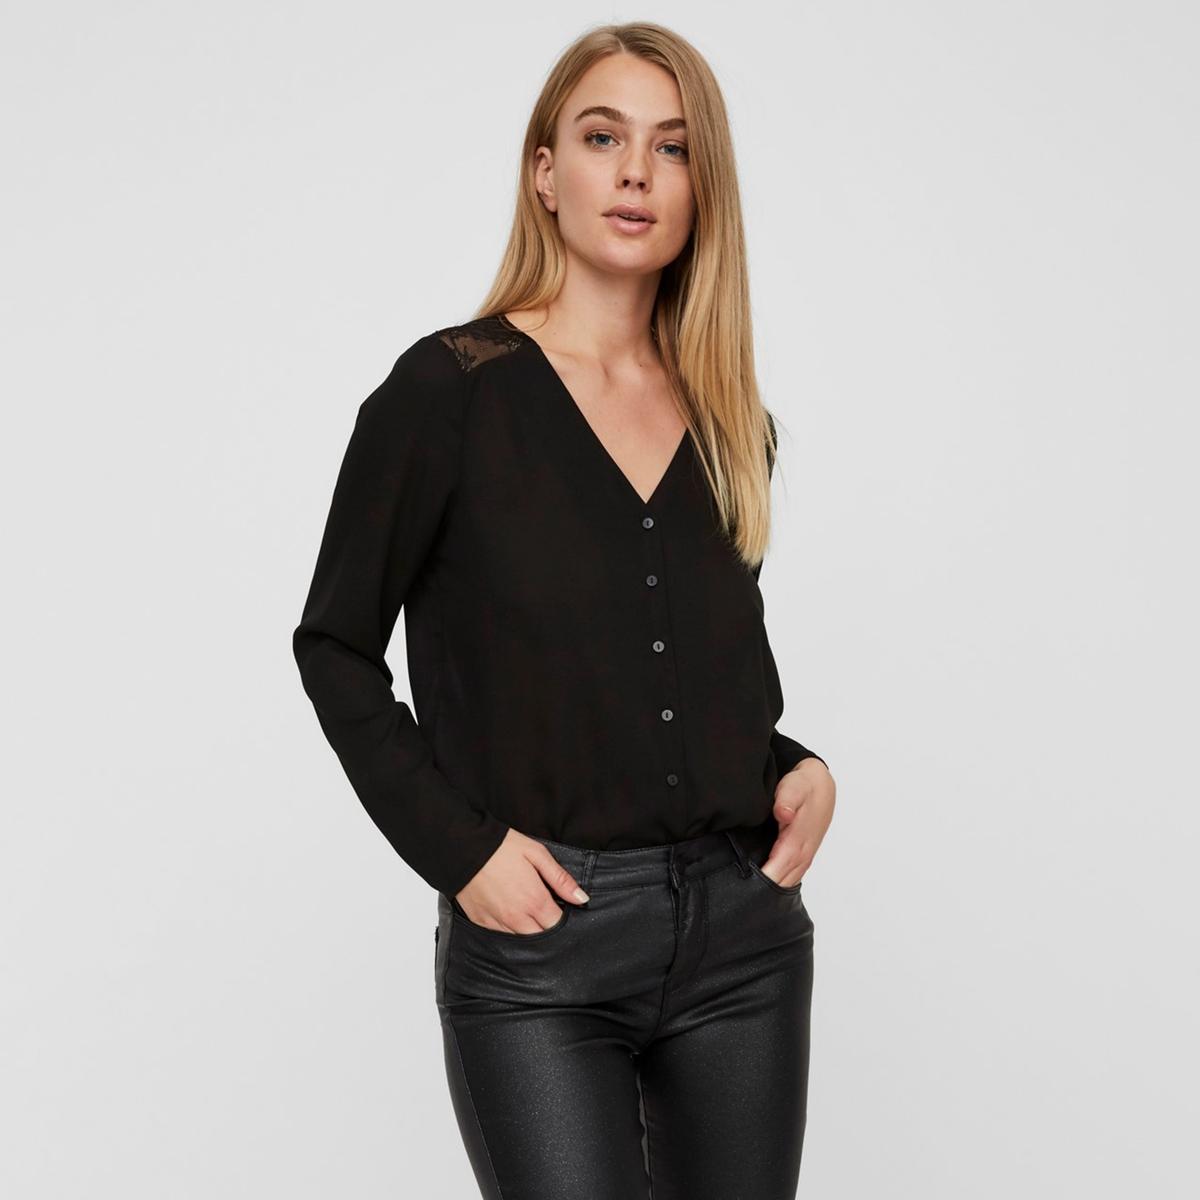 Блузка La Redoute С V-образным вырезом и вставками из кружева на плечах и сзади S черный